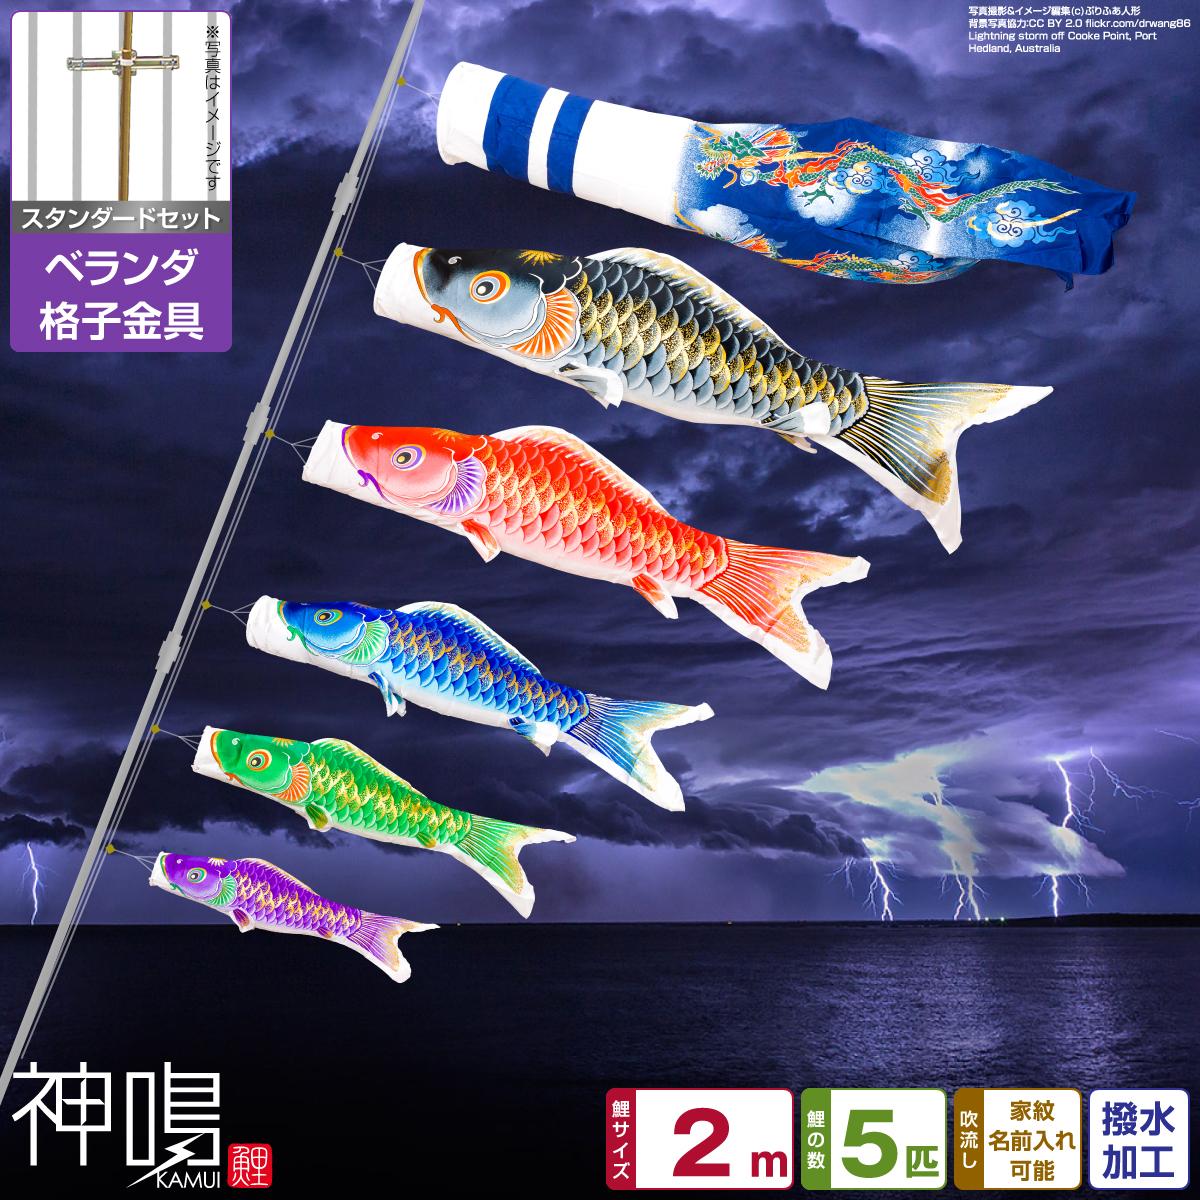 ベランダ用 鯉のぼり 神鳴鯉-KAMUI- 2m 8点(吹流し+鯉5匹+矢車+ロープ)/スタンダードセット(格子金具)